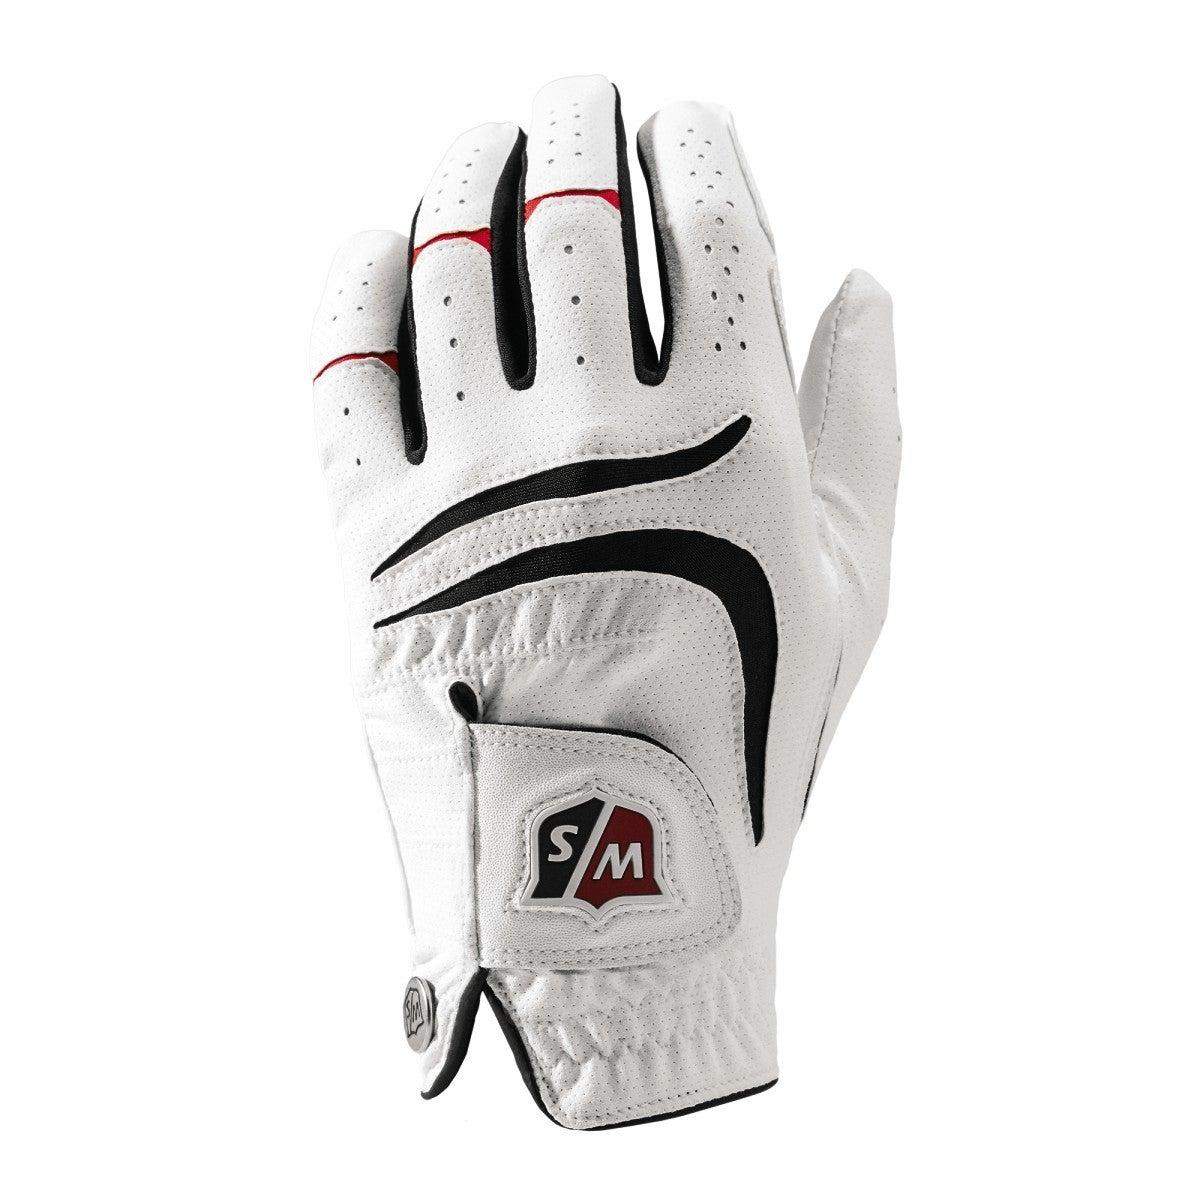 Grip Plus Handschuh, weiß